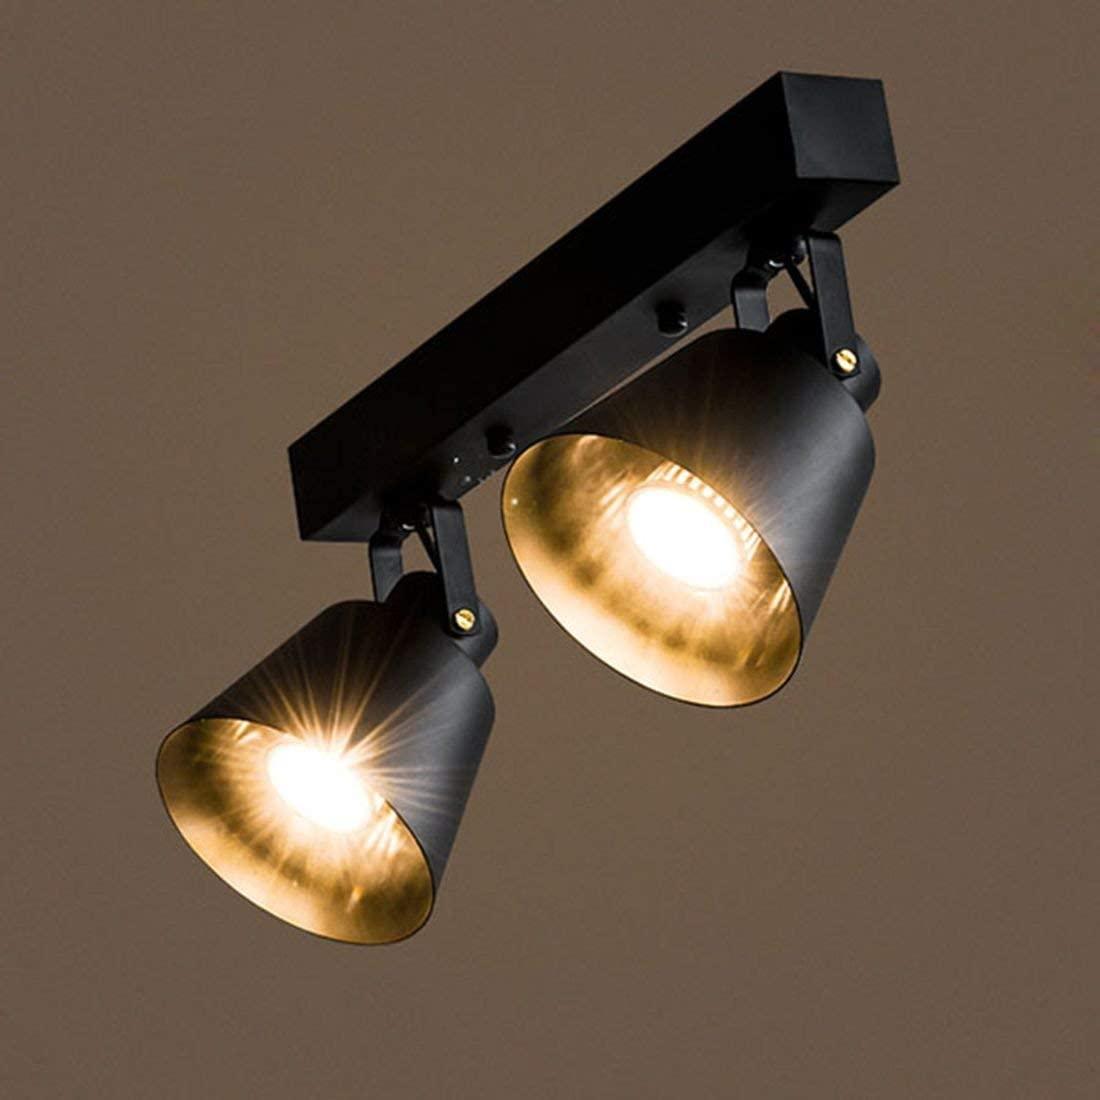 BOSSLV Limelight Ceiling Light Chandelier Pendent Lamp Matte Black Finish 2 Lights